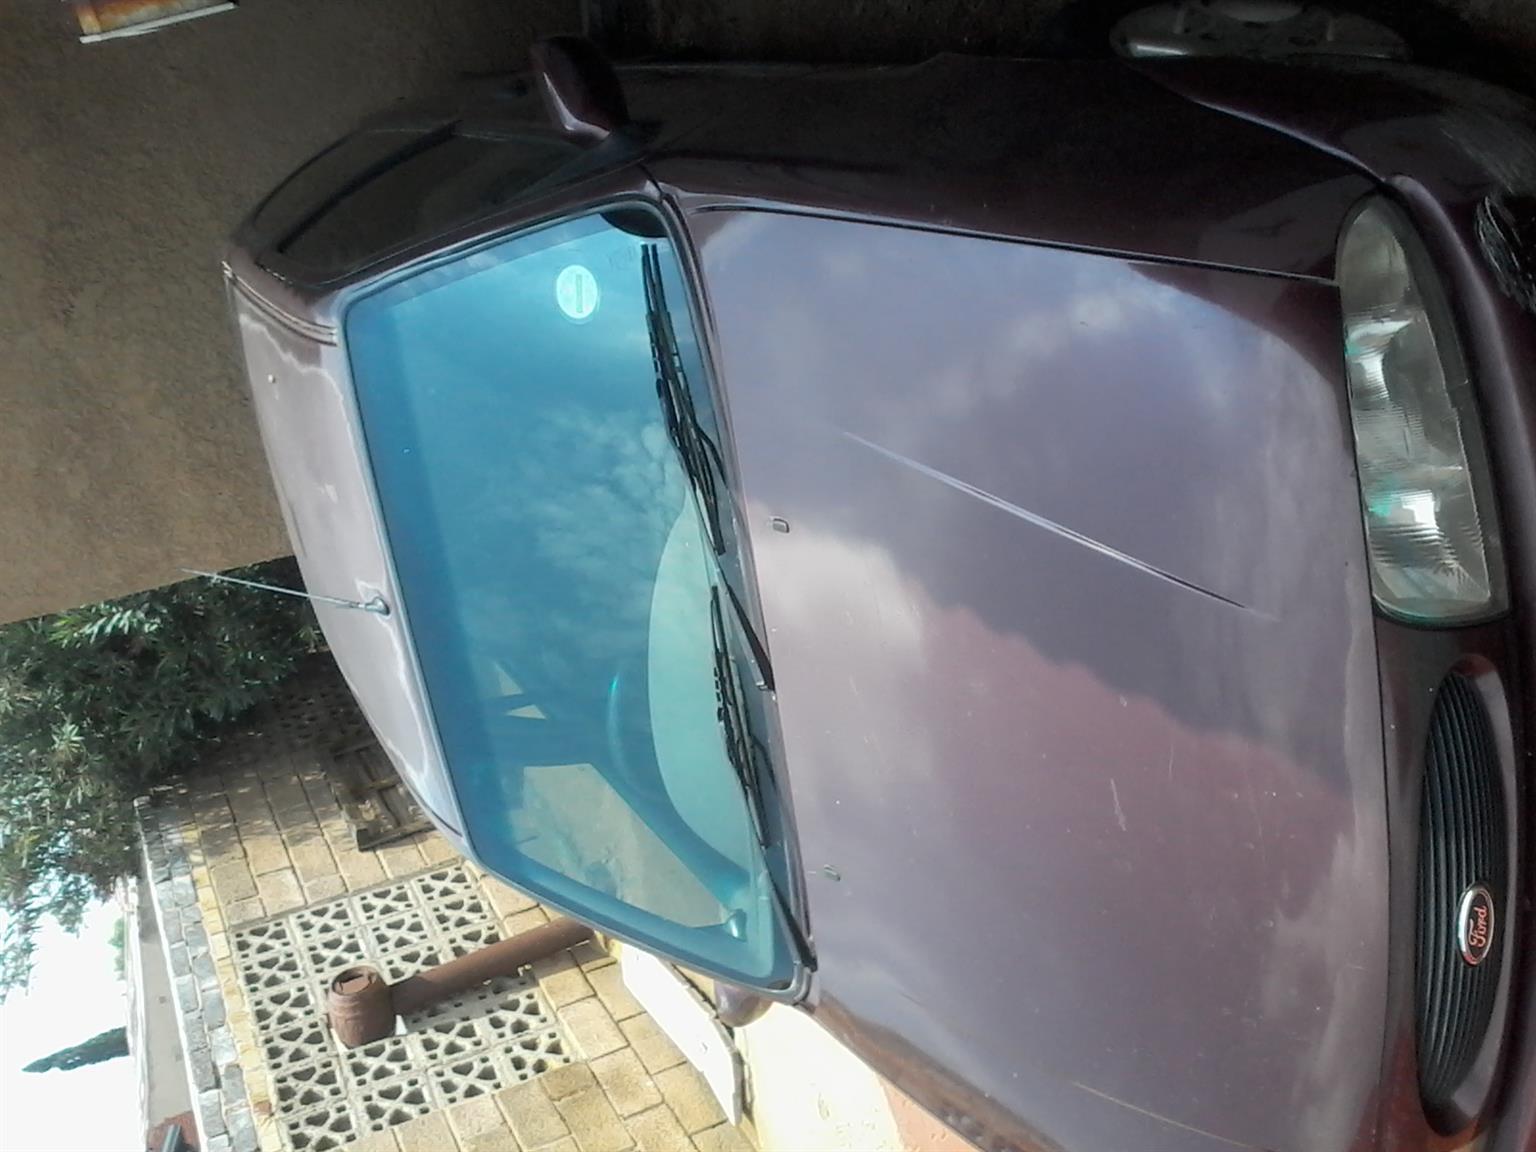 1999 Ford Fiesta 1.4 3 door Titanium